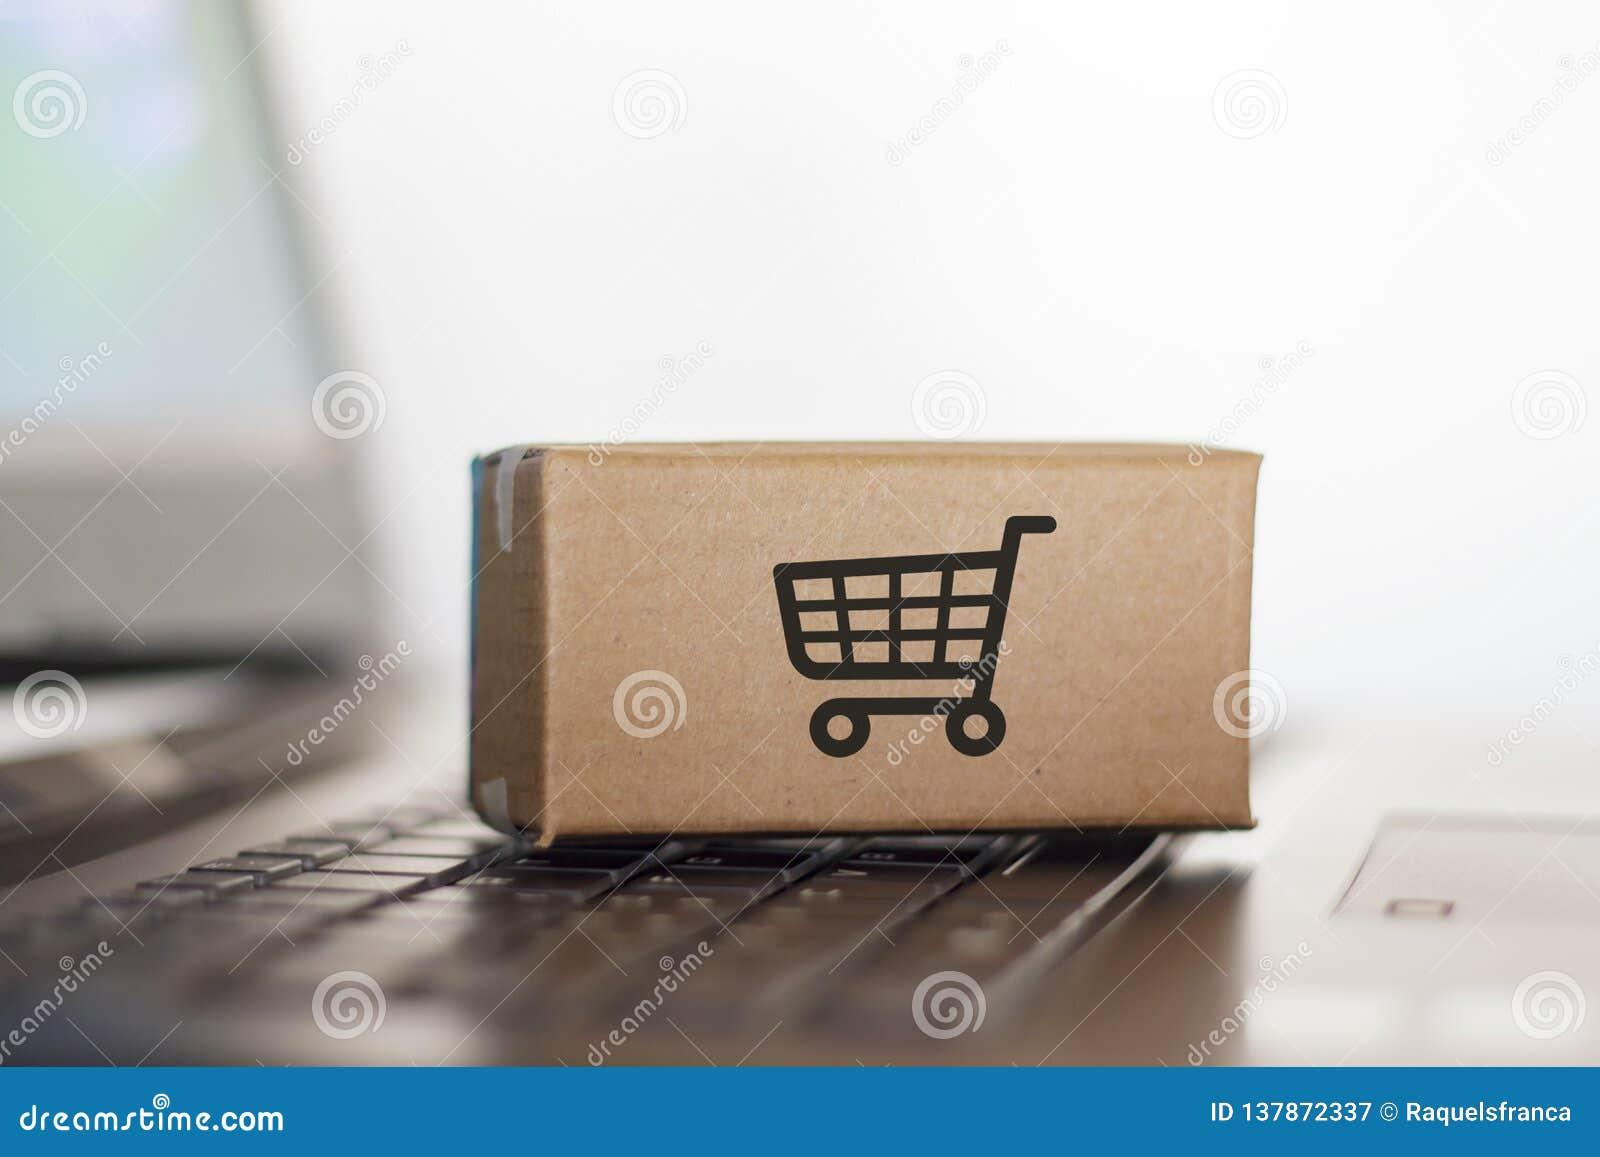 Коробка на клавиатуре компьютера Онлайн покупки, электронная коммерция и всемирная грузя концепция